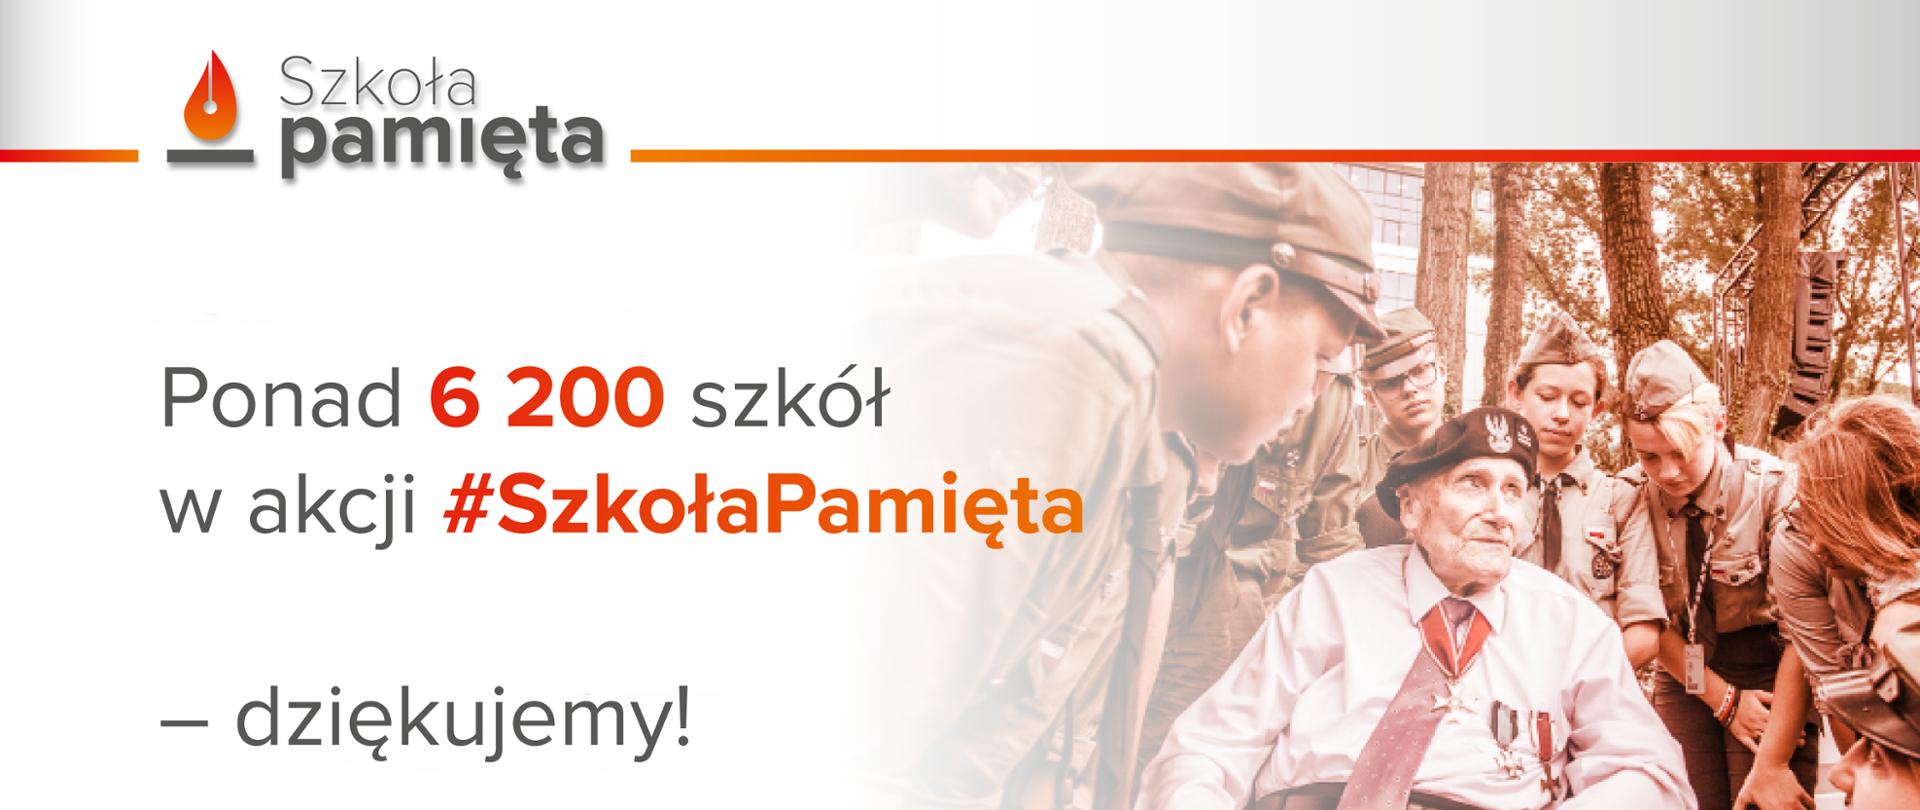 Napis po lewej stronie ponad 6 200 szkół w akcji #Szkoła Pamięta - dziękujemy! Po prawej stronie kombatant w otoczeniu harcerzy.